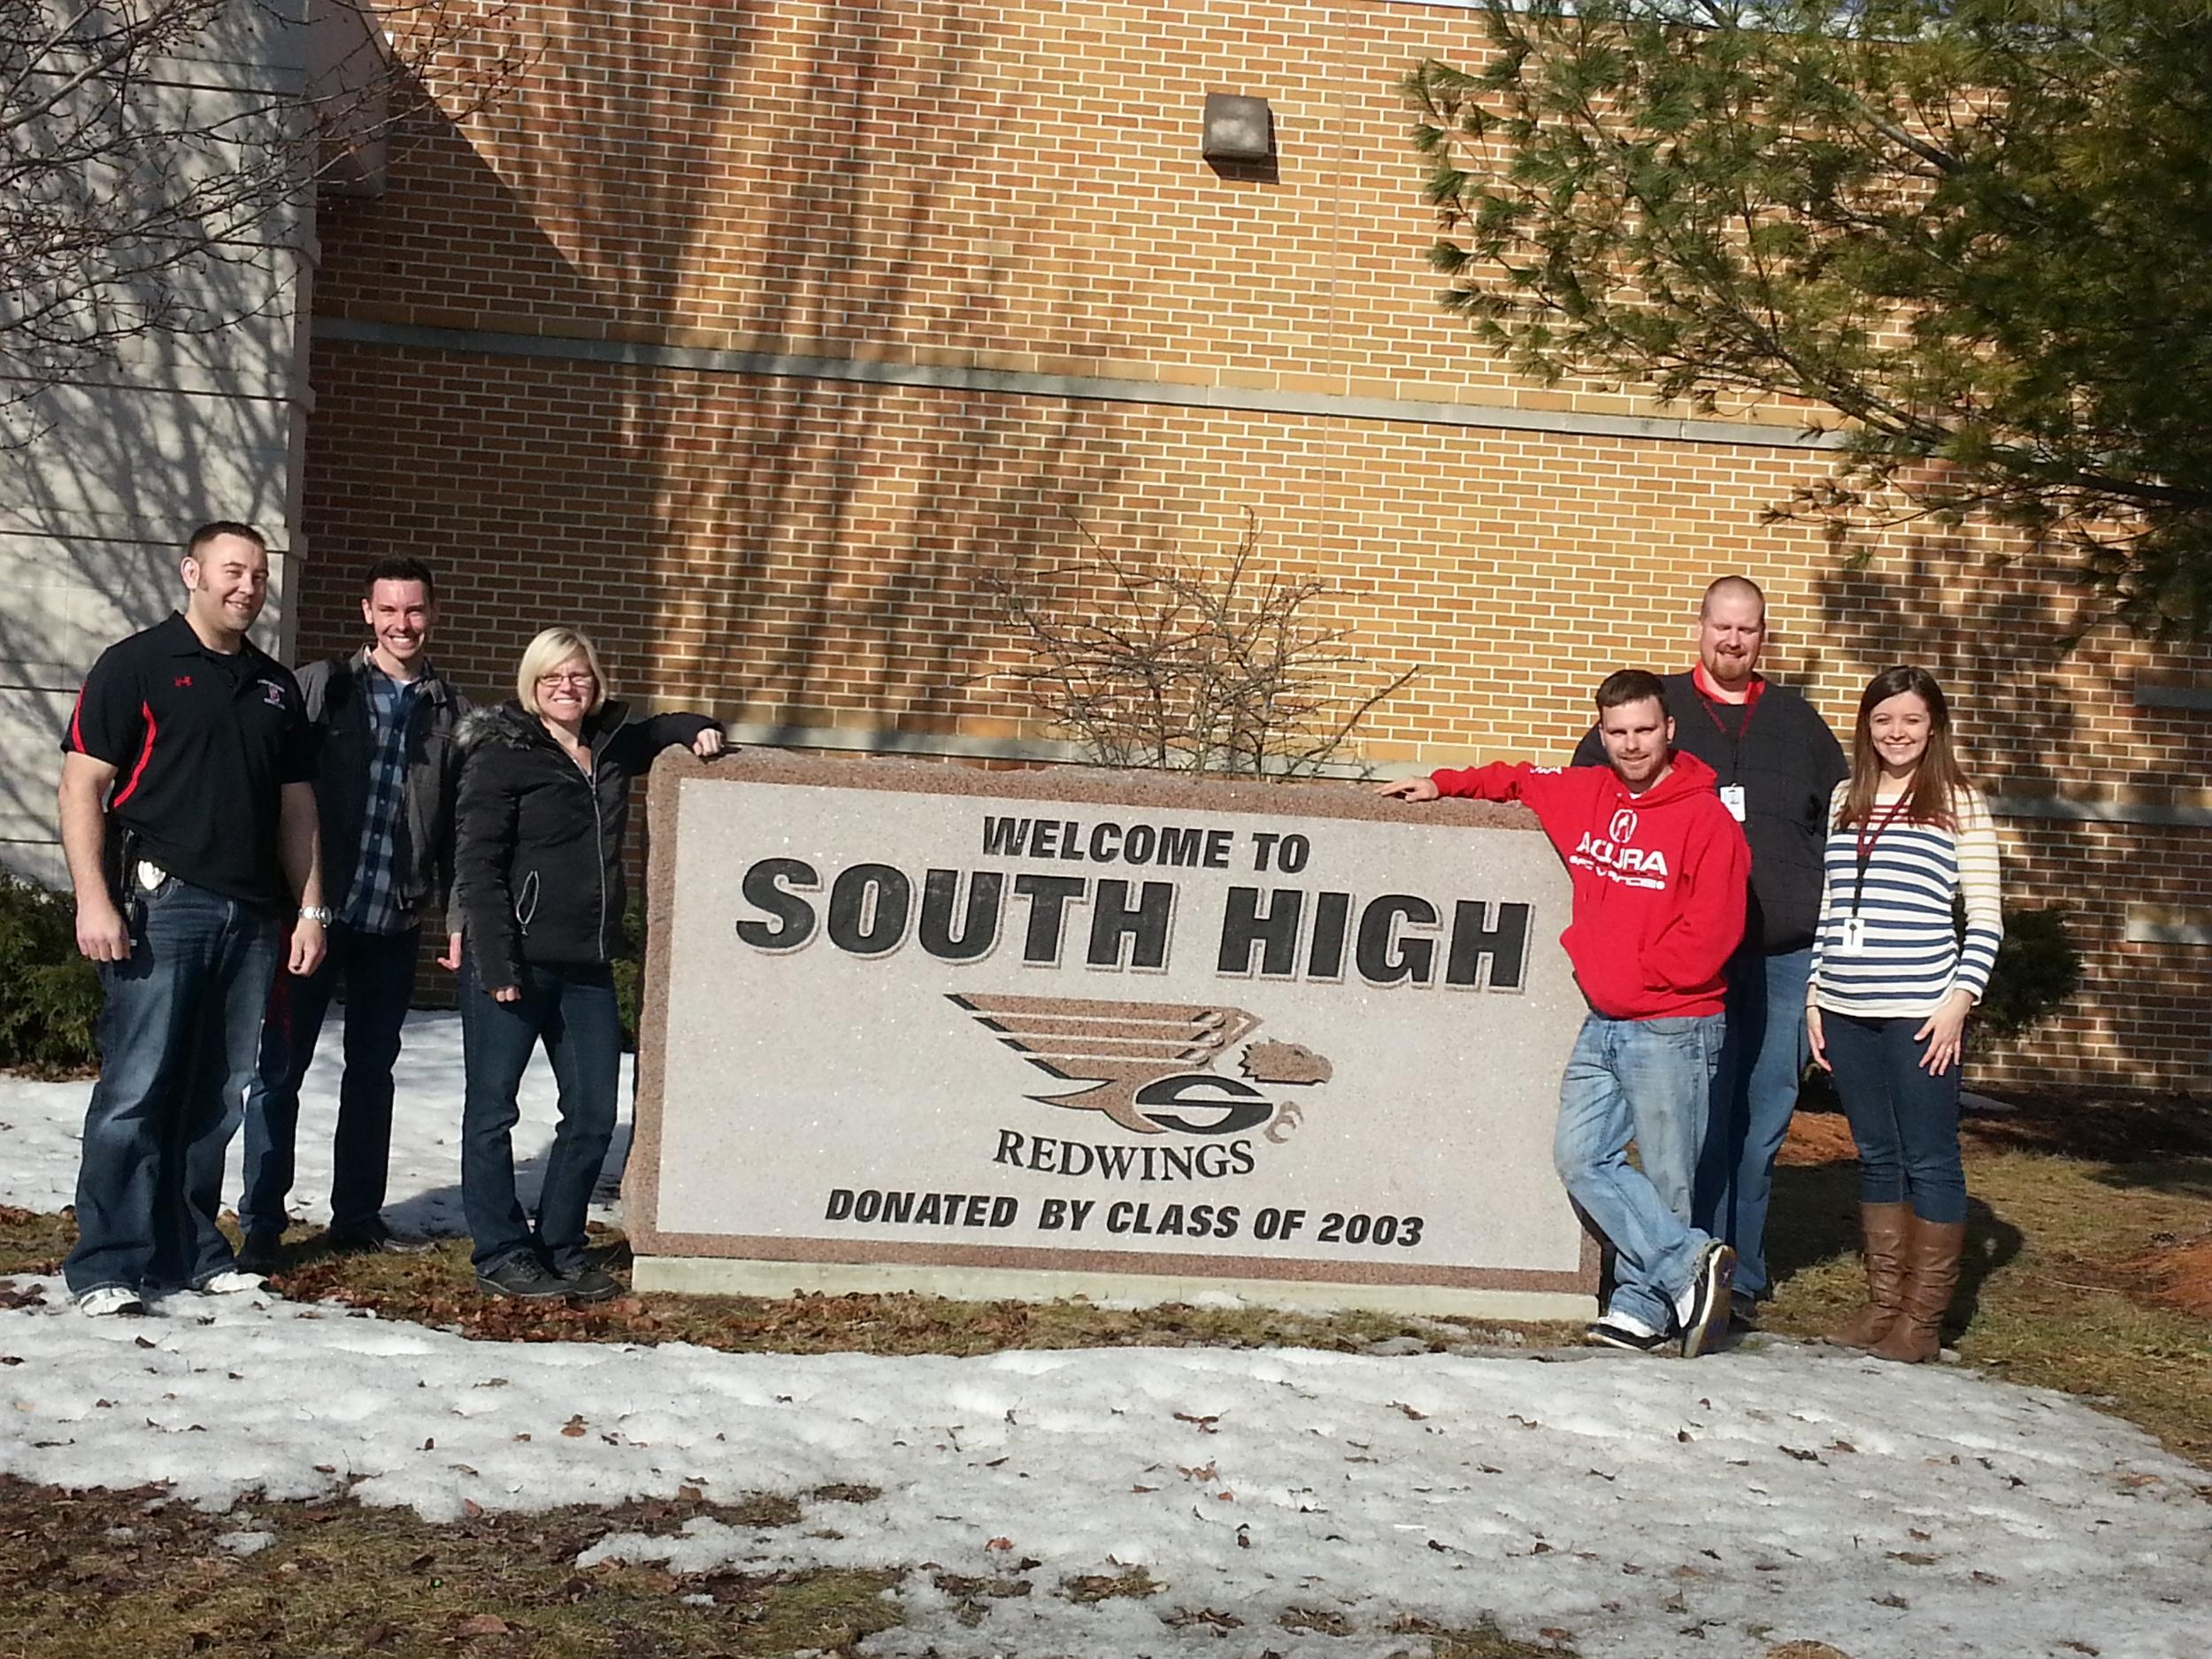 Sheboygan South High School 3/21/14